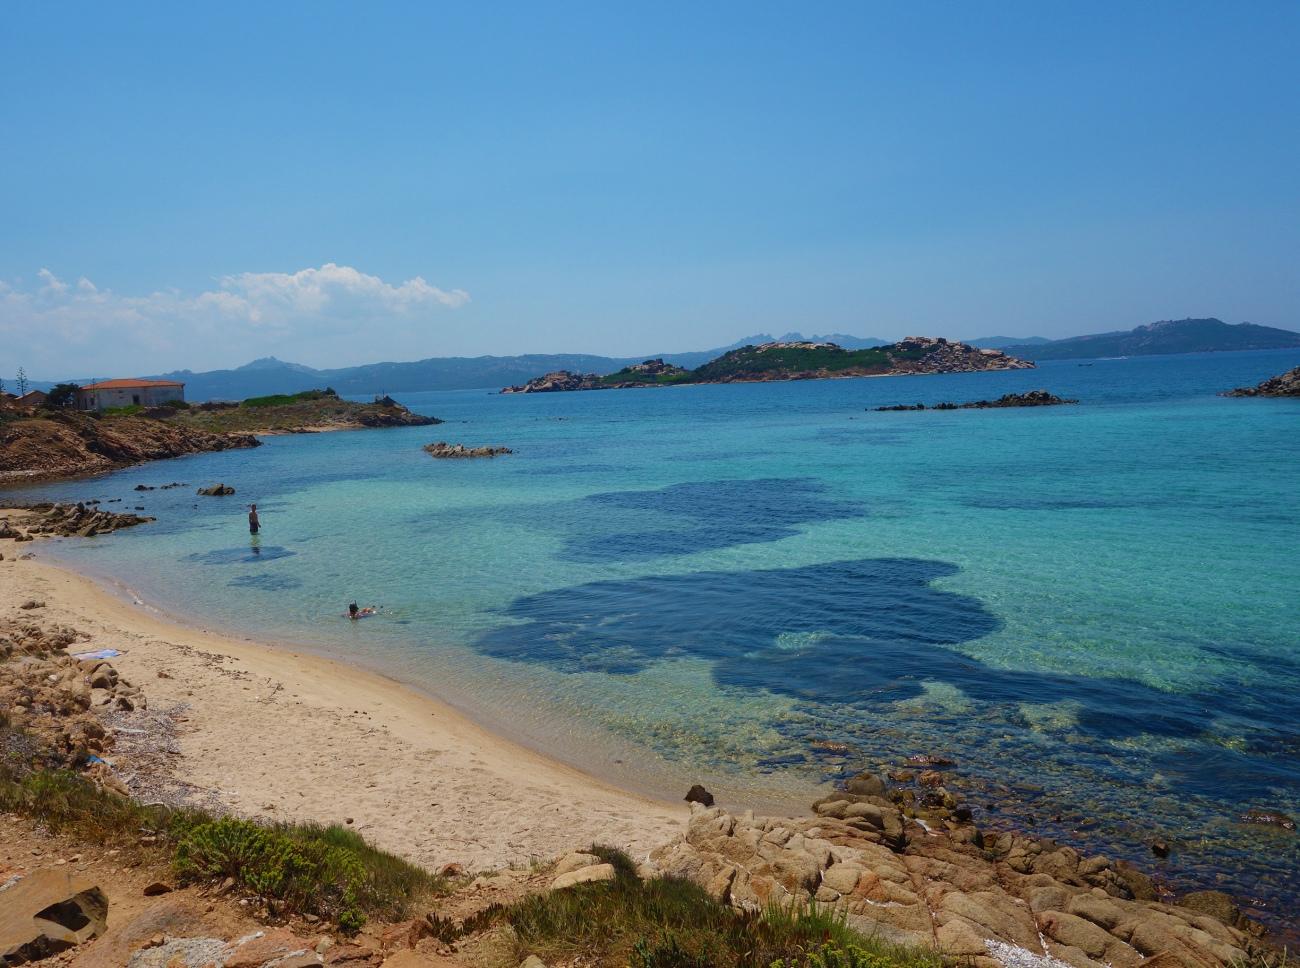 Playa Chula, Caprera, Sardinia